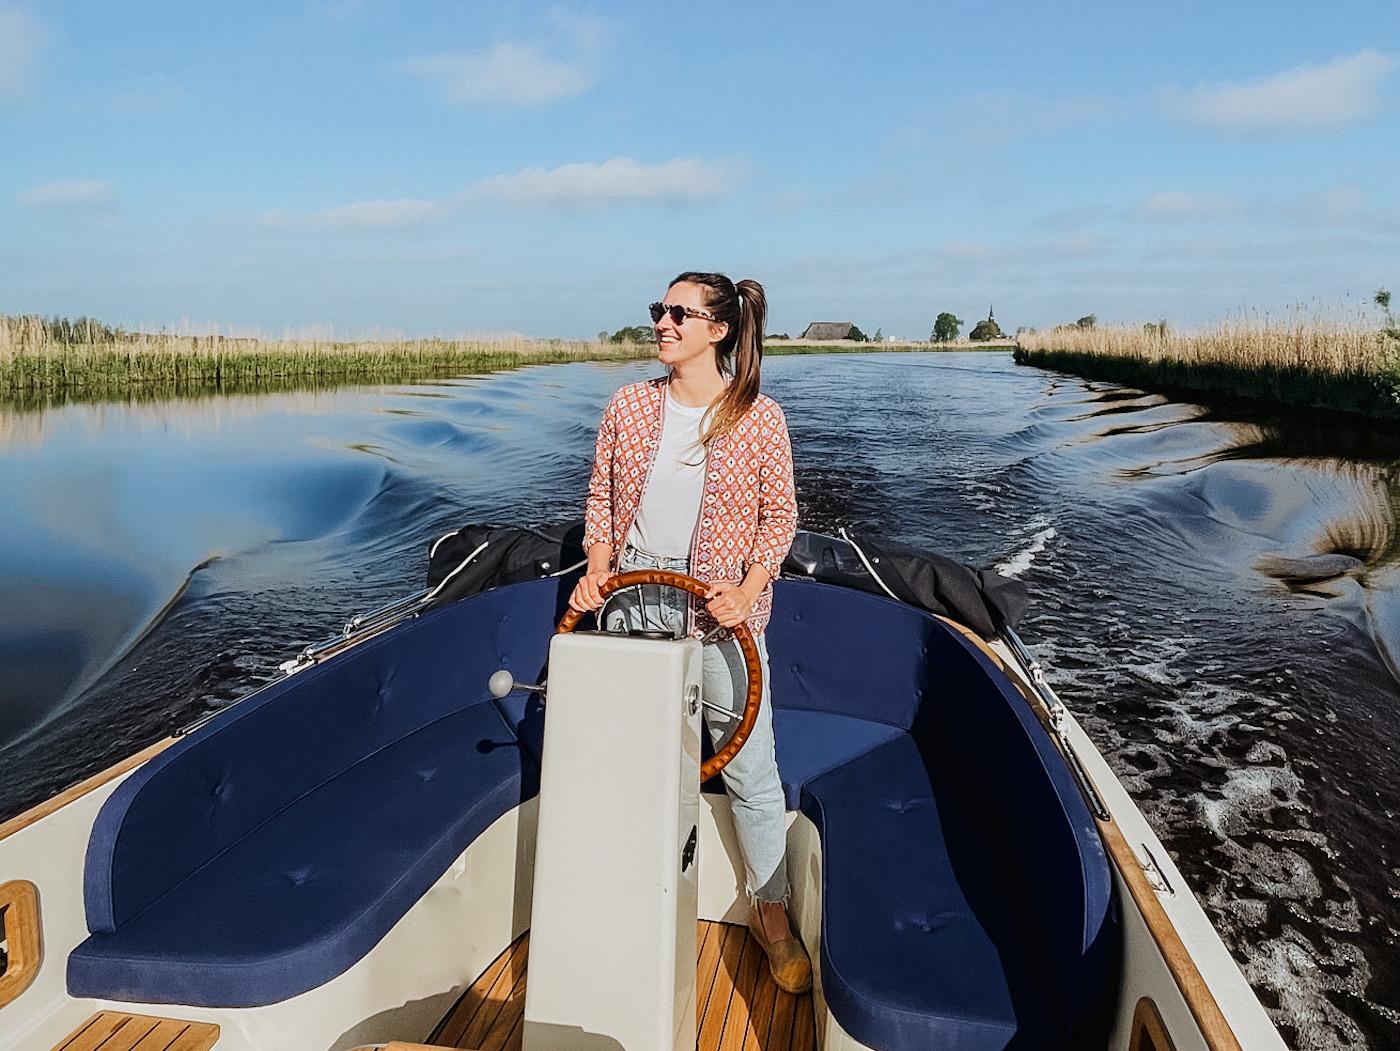 Vaarvakantie Friesland